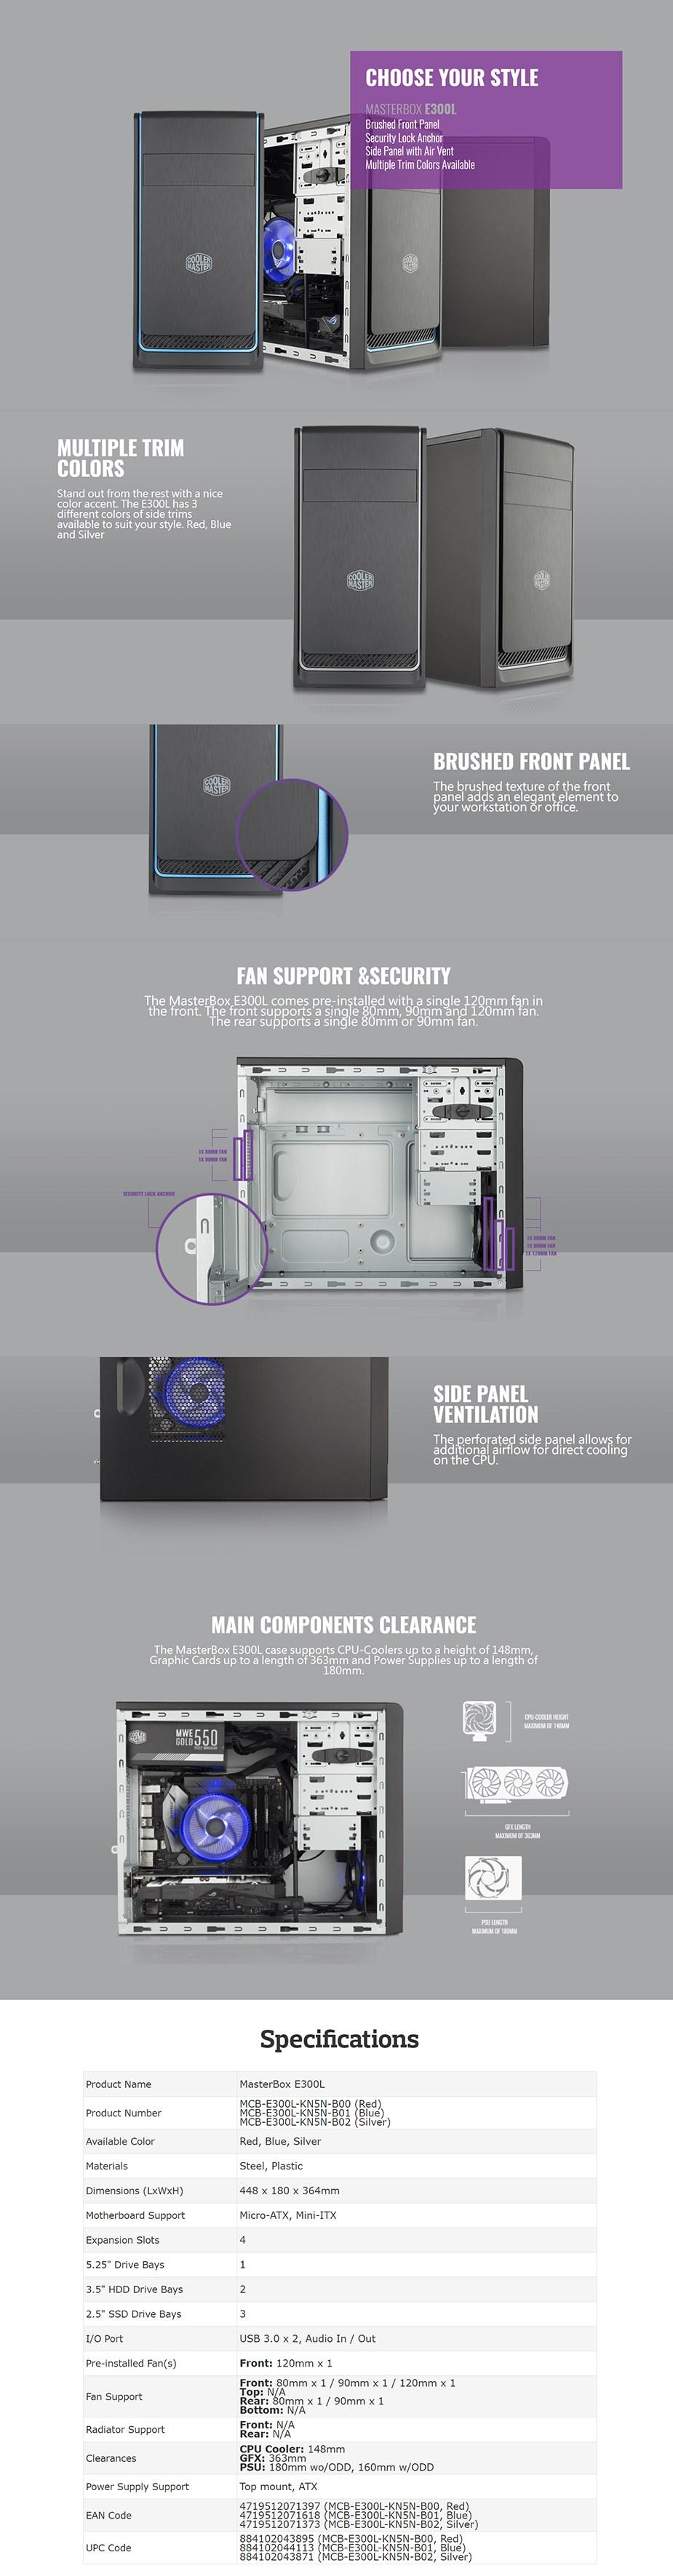 Cooler Master MasterBox E300L Mini Tower M-ATX Case - Silver Trim - Desktop Overview 1